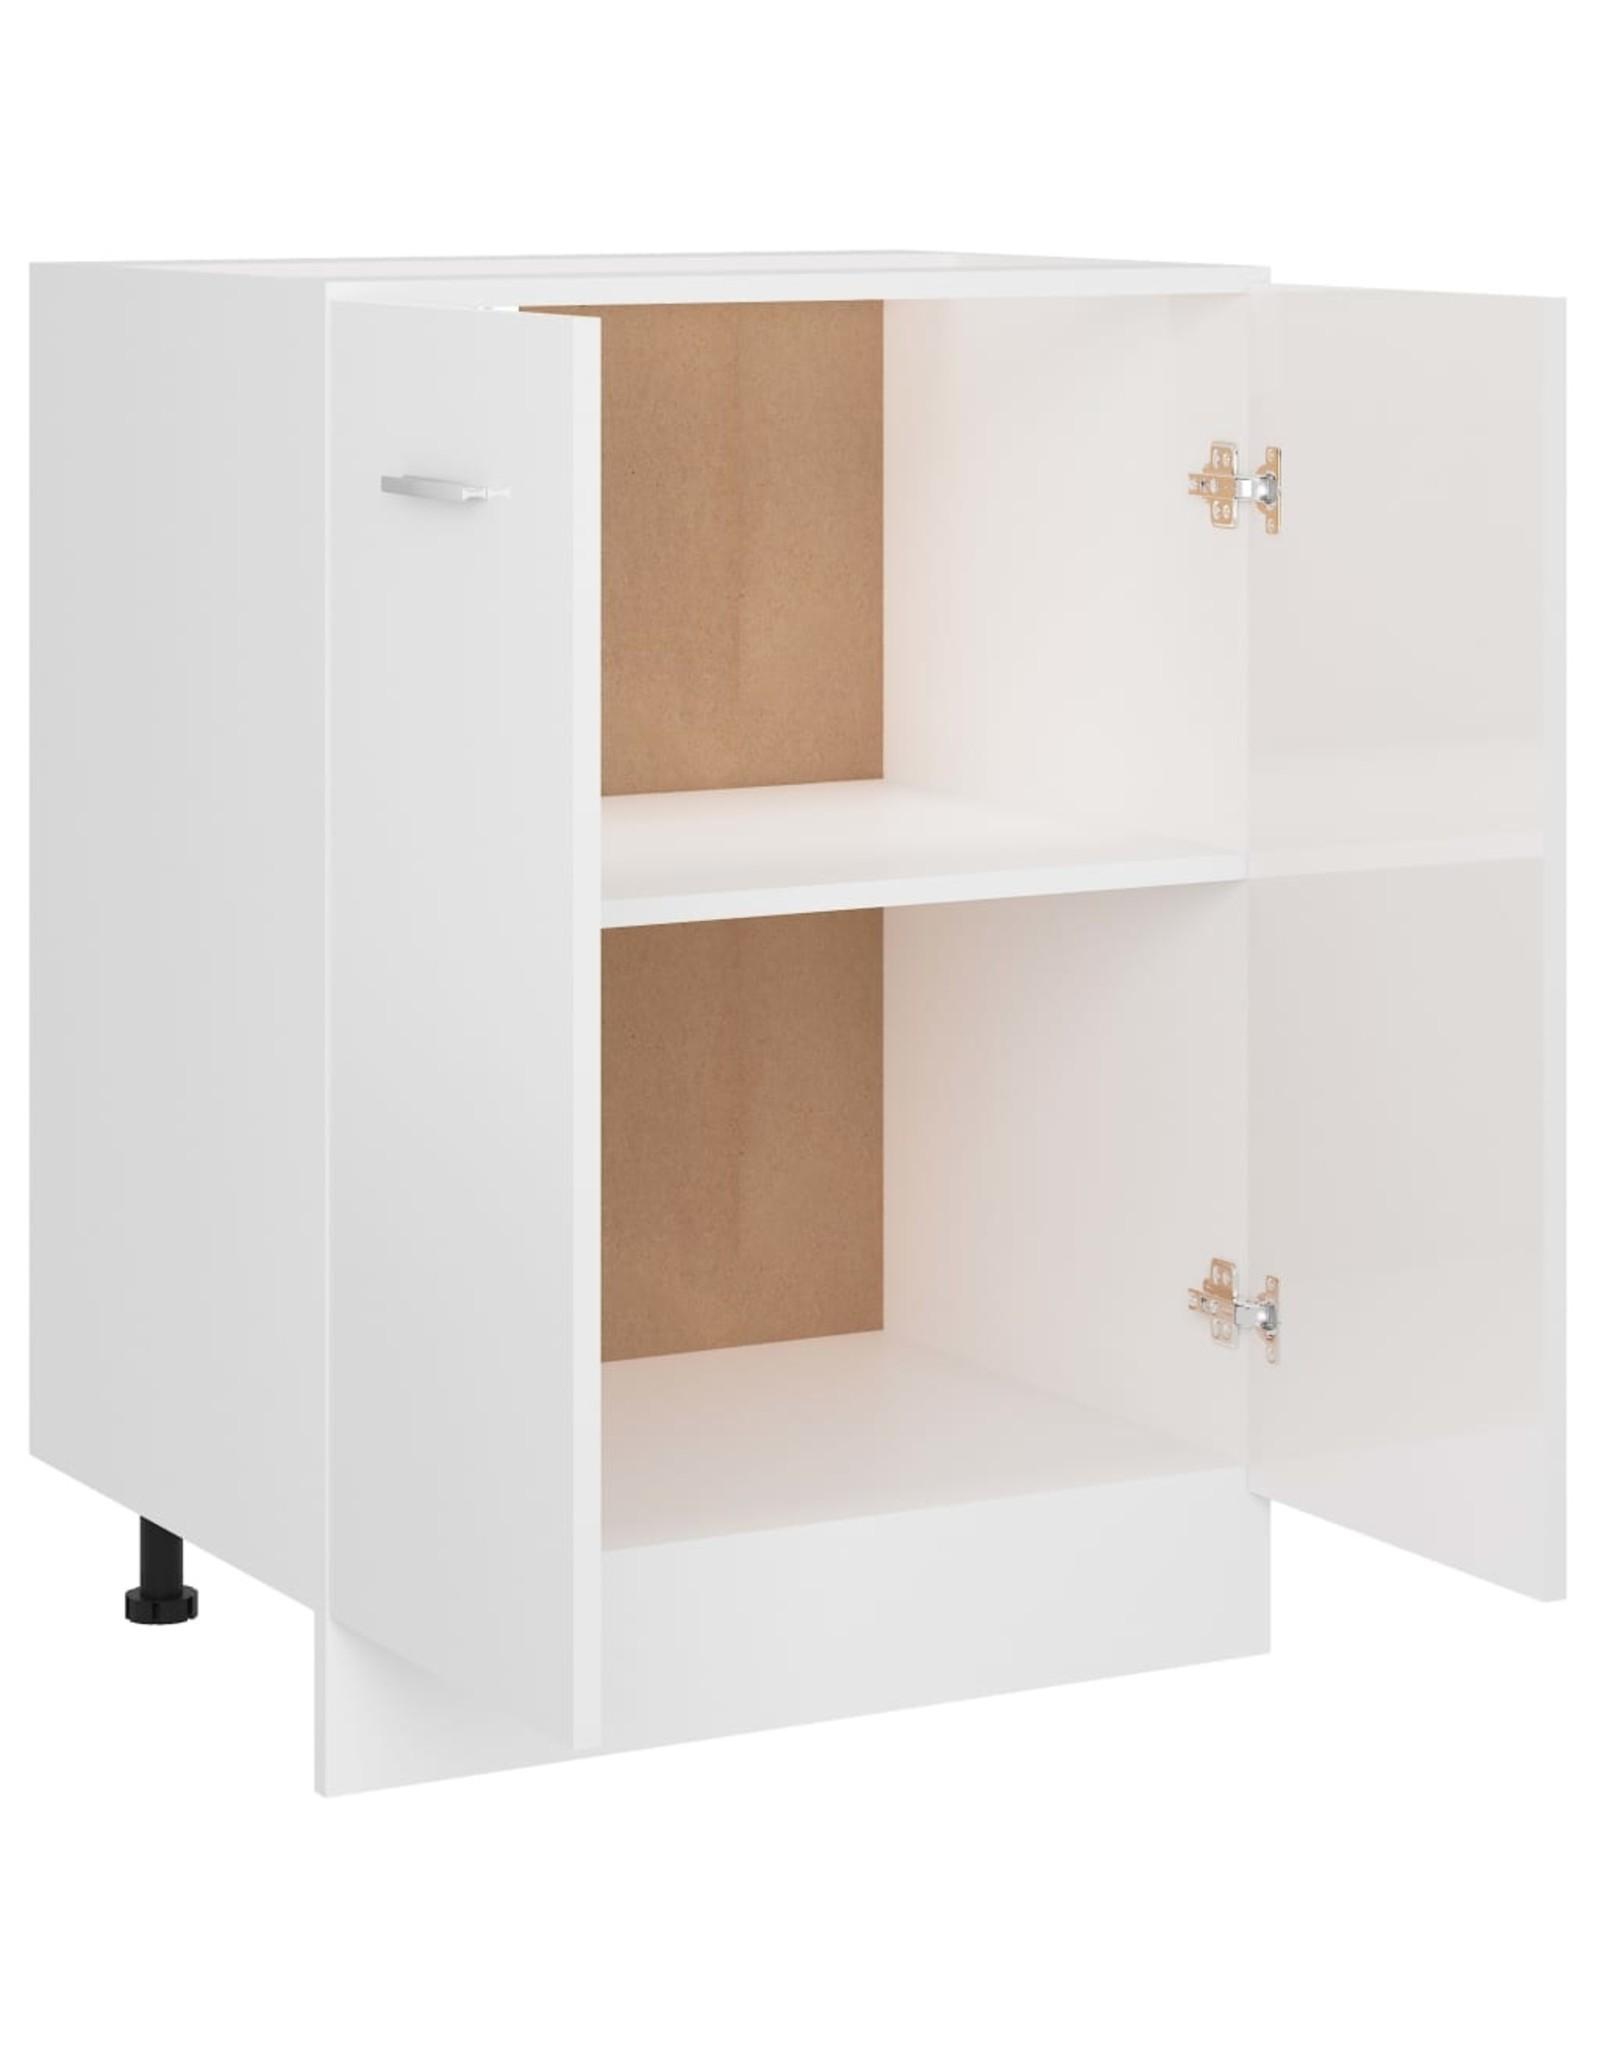 Onderkast 60x46x81,5 cm spaanplaat hoogglans wit